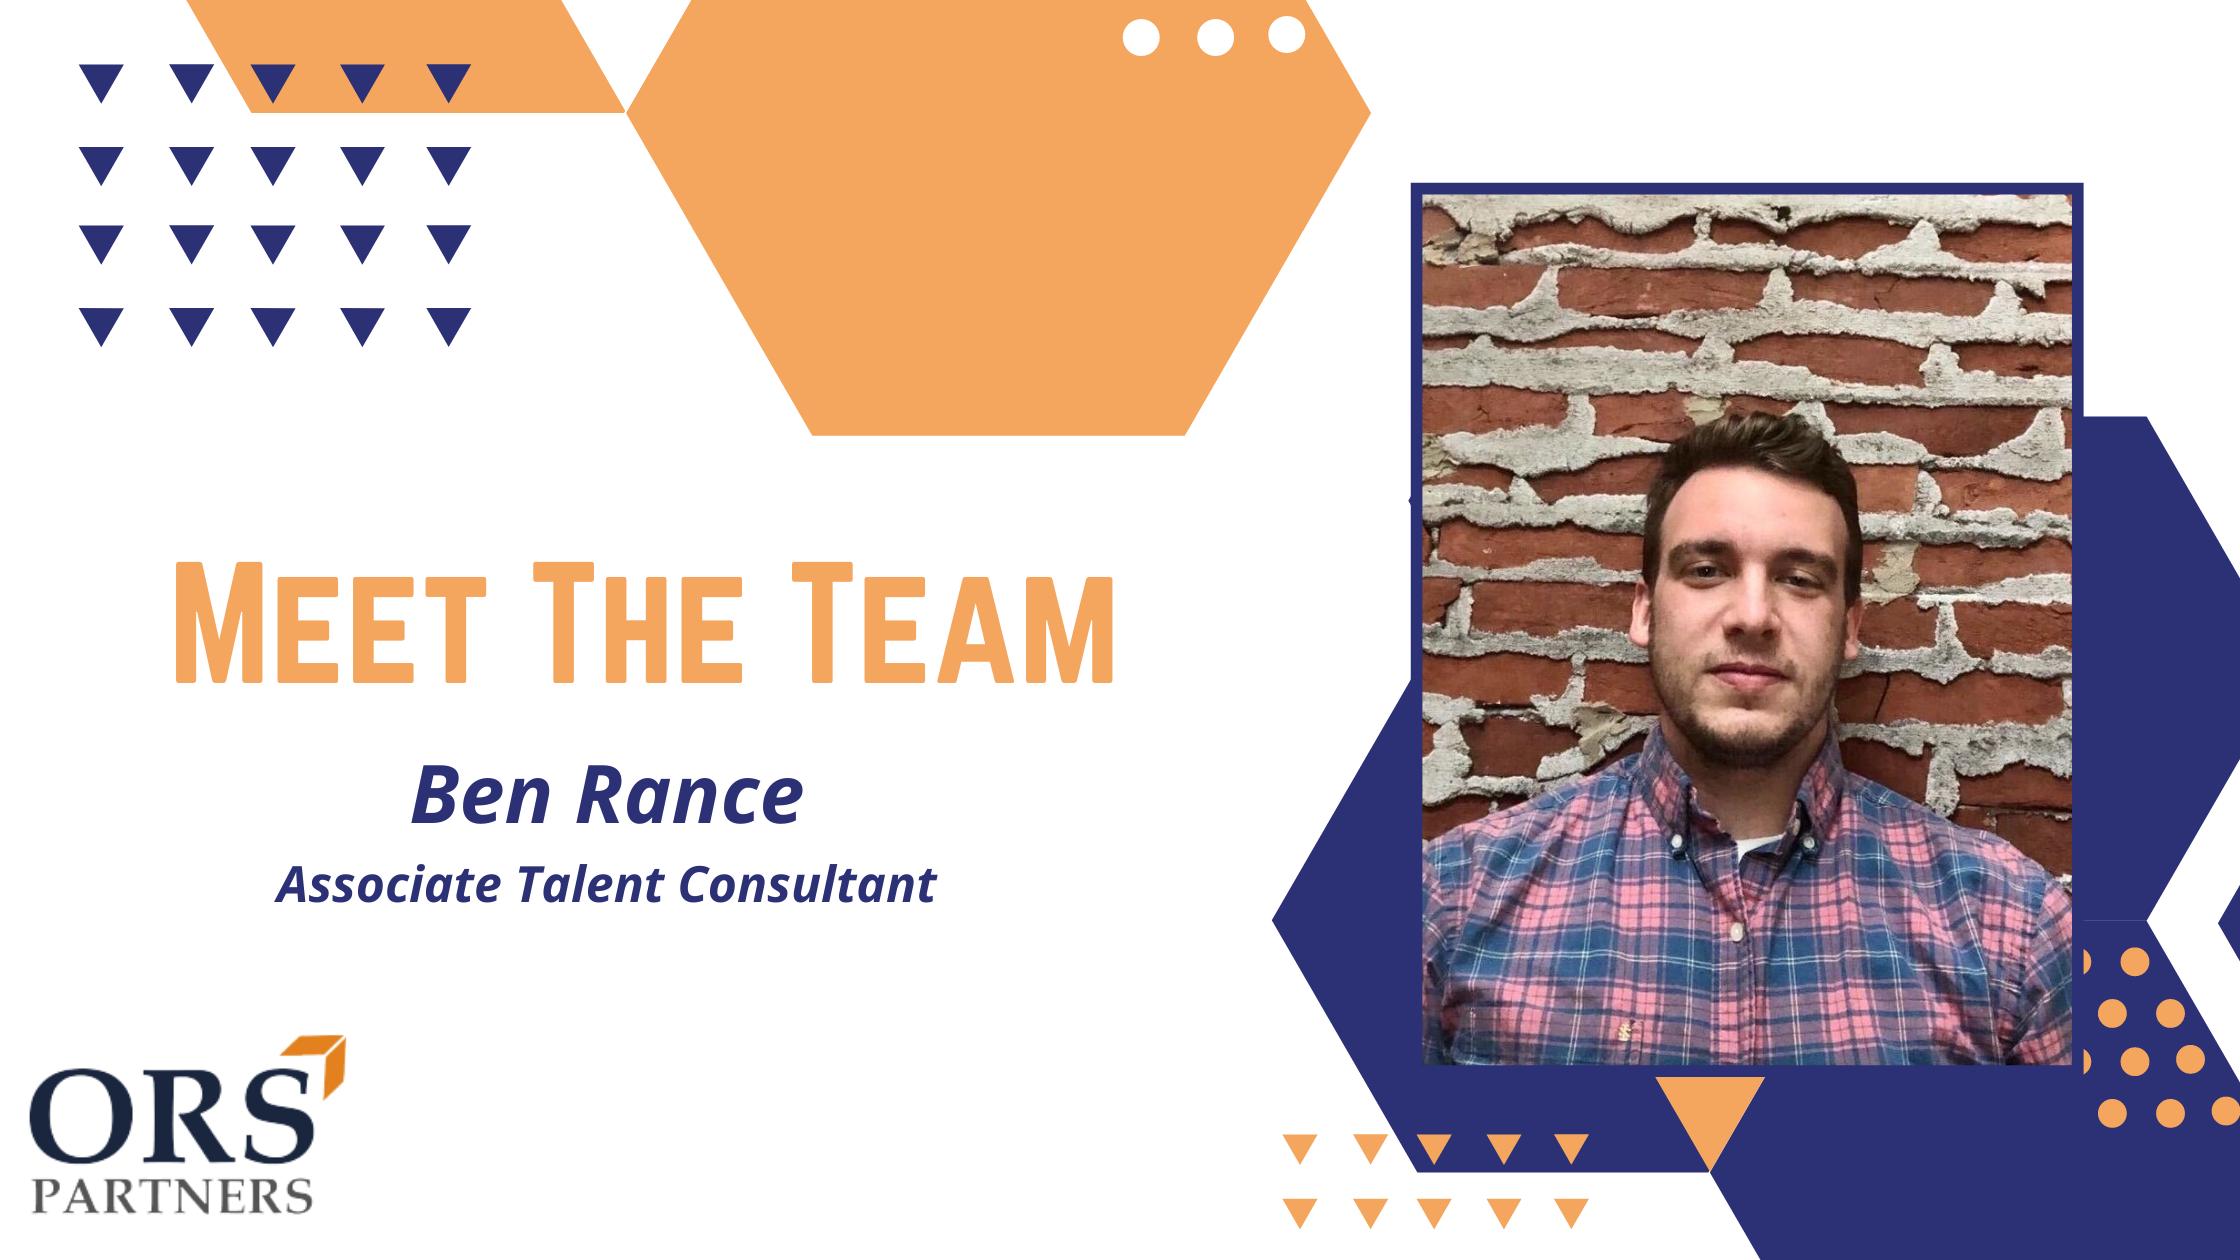 Meet the Team: Ben Rance